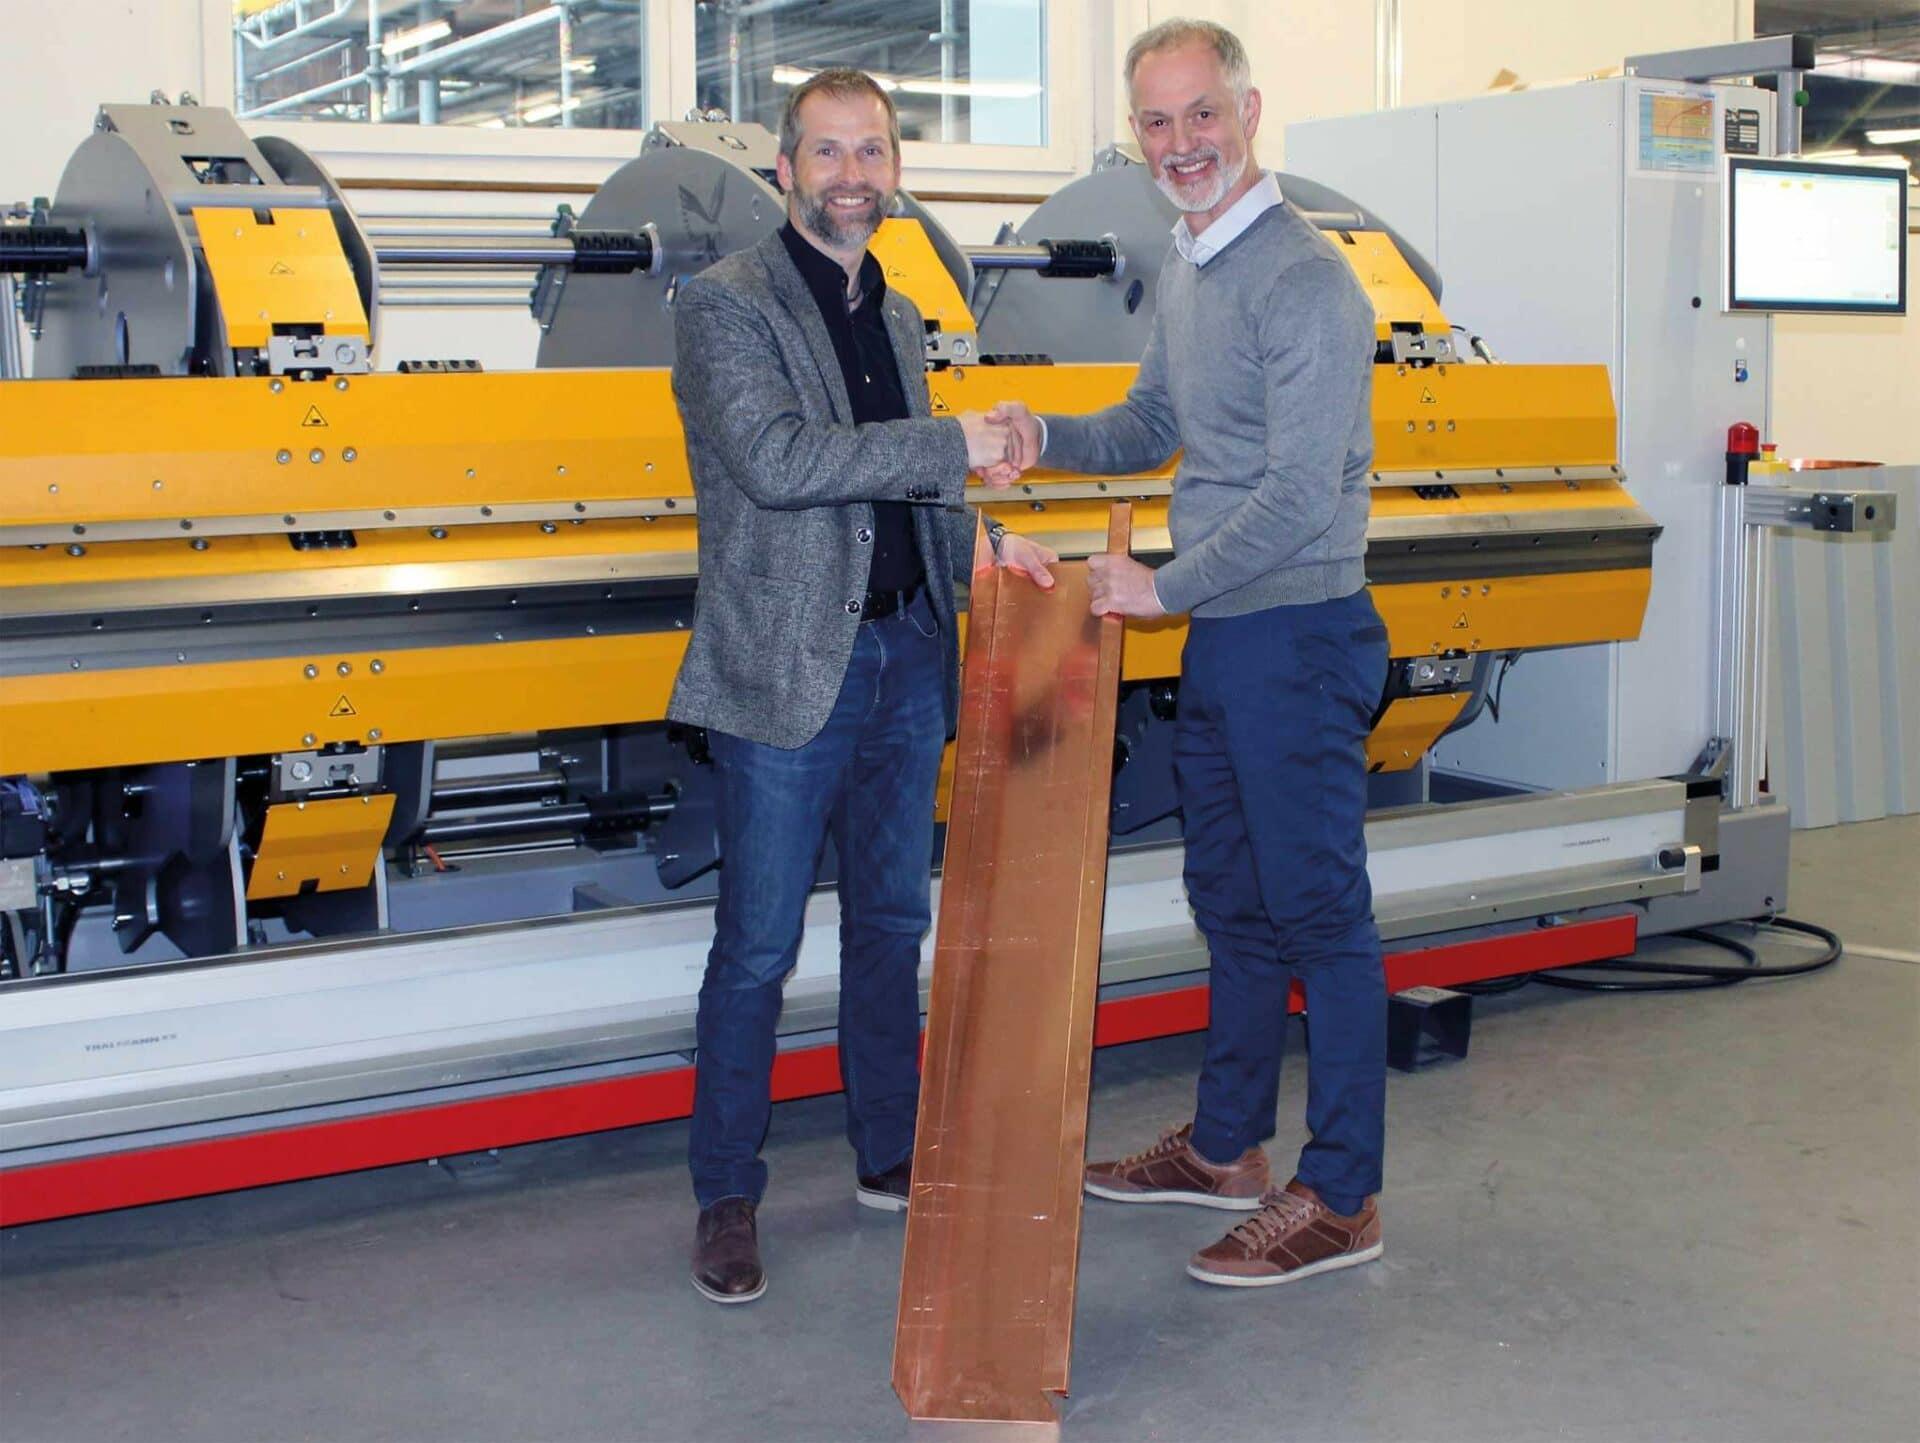 STRAHLENDE GESICHTER:Remo Wyss (Geschäftsführer der RAMSEYER UND DILGER AG, li.) und Marco Cappello (Geschäftsführer der THALMANN Maschinenbau AG) bei der Maschinenübergabe.